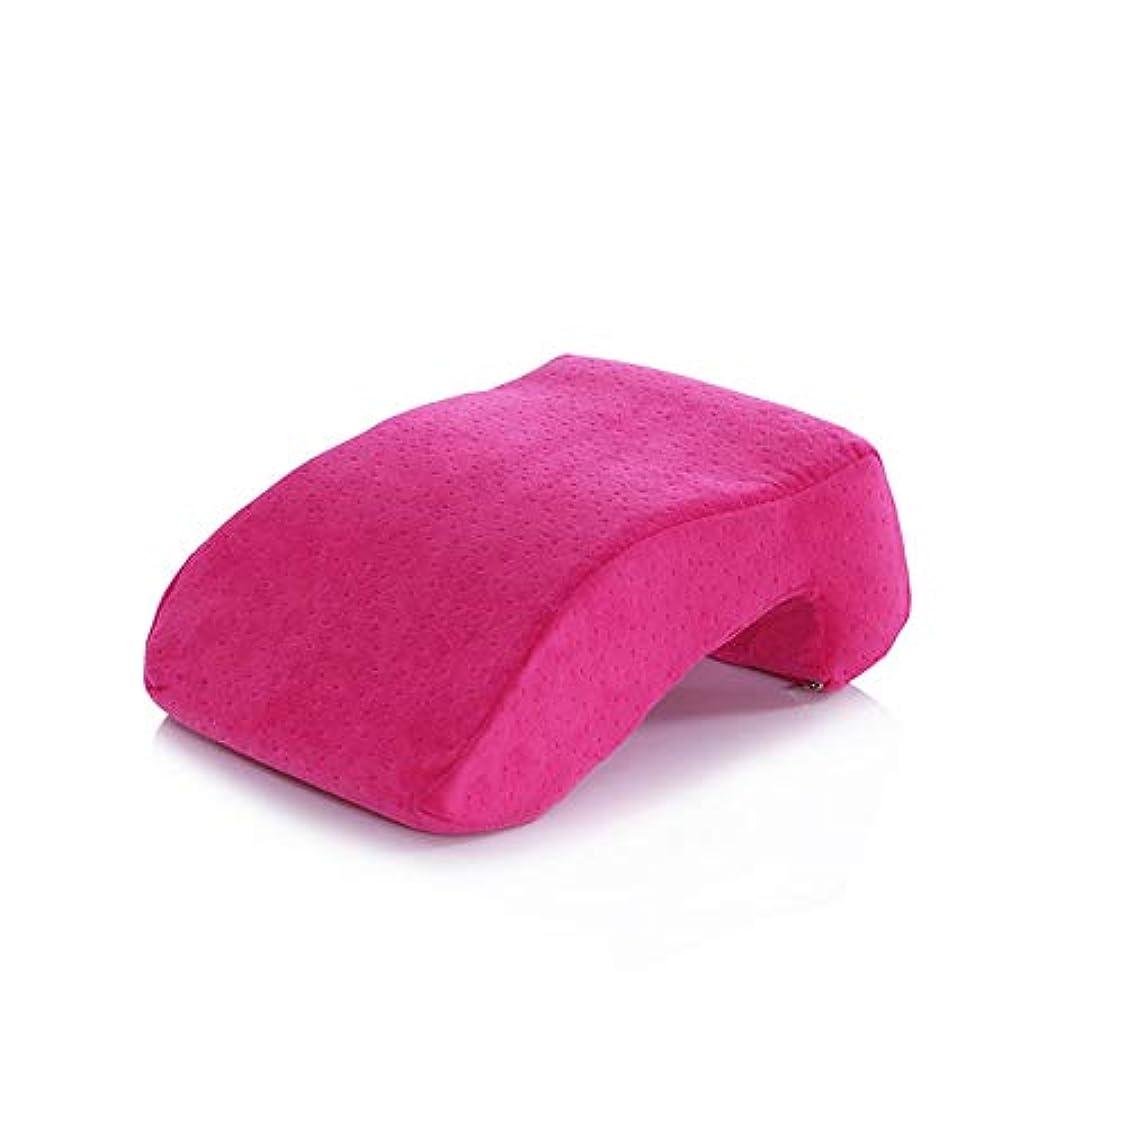 名前でピアノを弾く出発する取り外し可能なキルティングカバーが付いているサポート枕オフィスの休息の枕学生の昼休みの枕